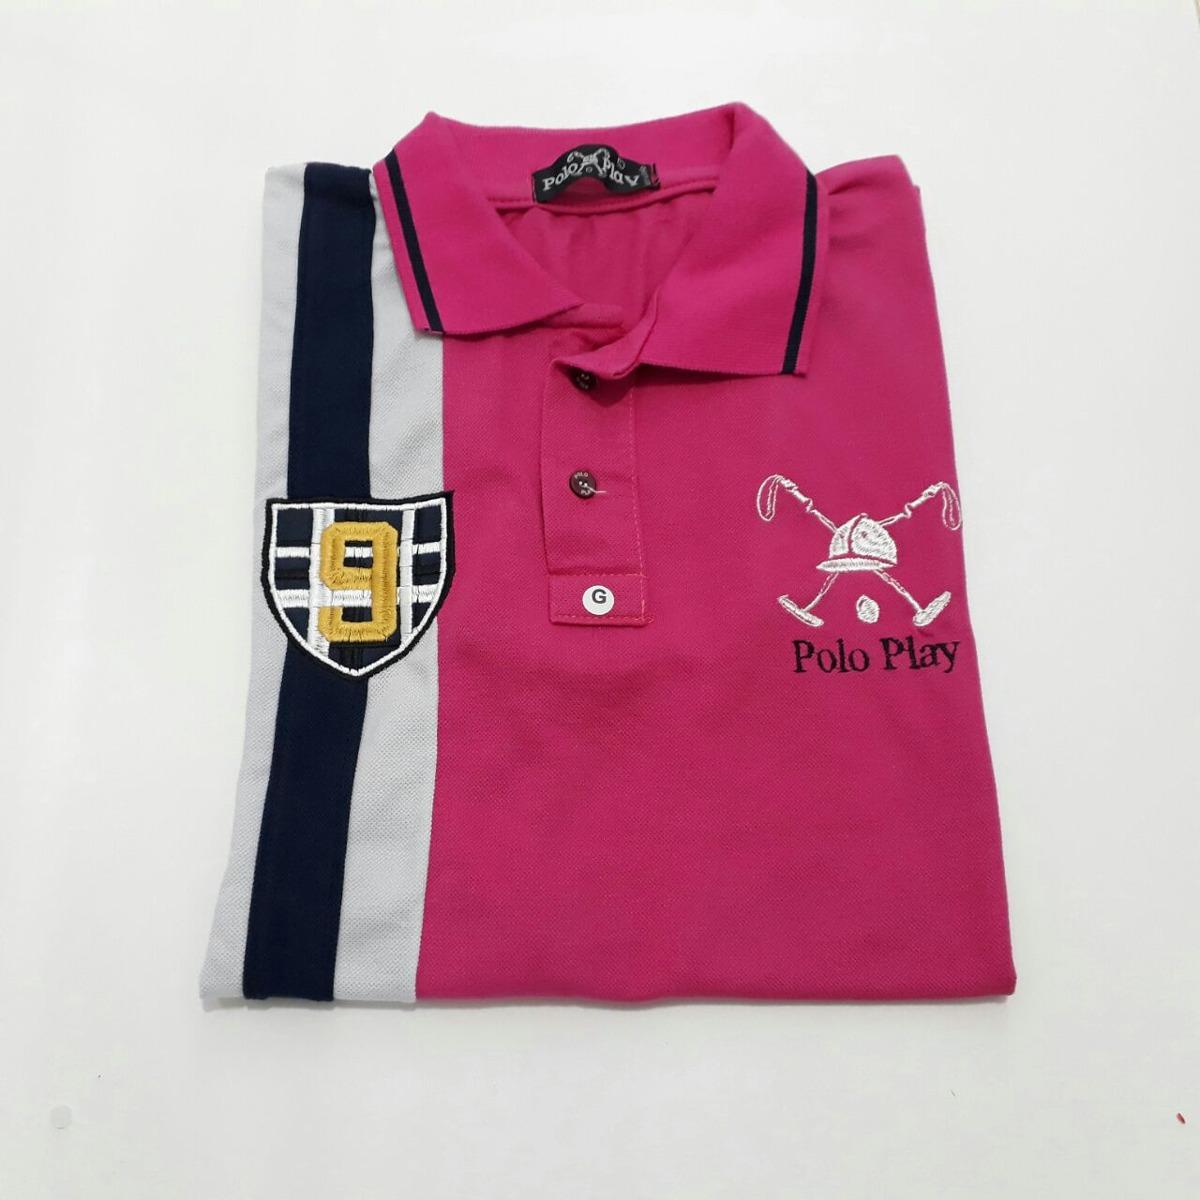 c582bdbc22352 camisa camiseta gola polo play bordada masculina promoção. Carregando zoom.